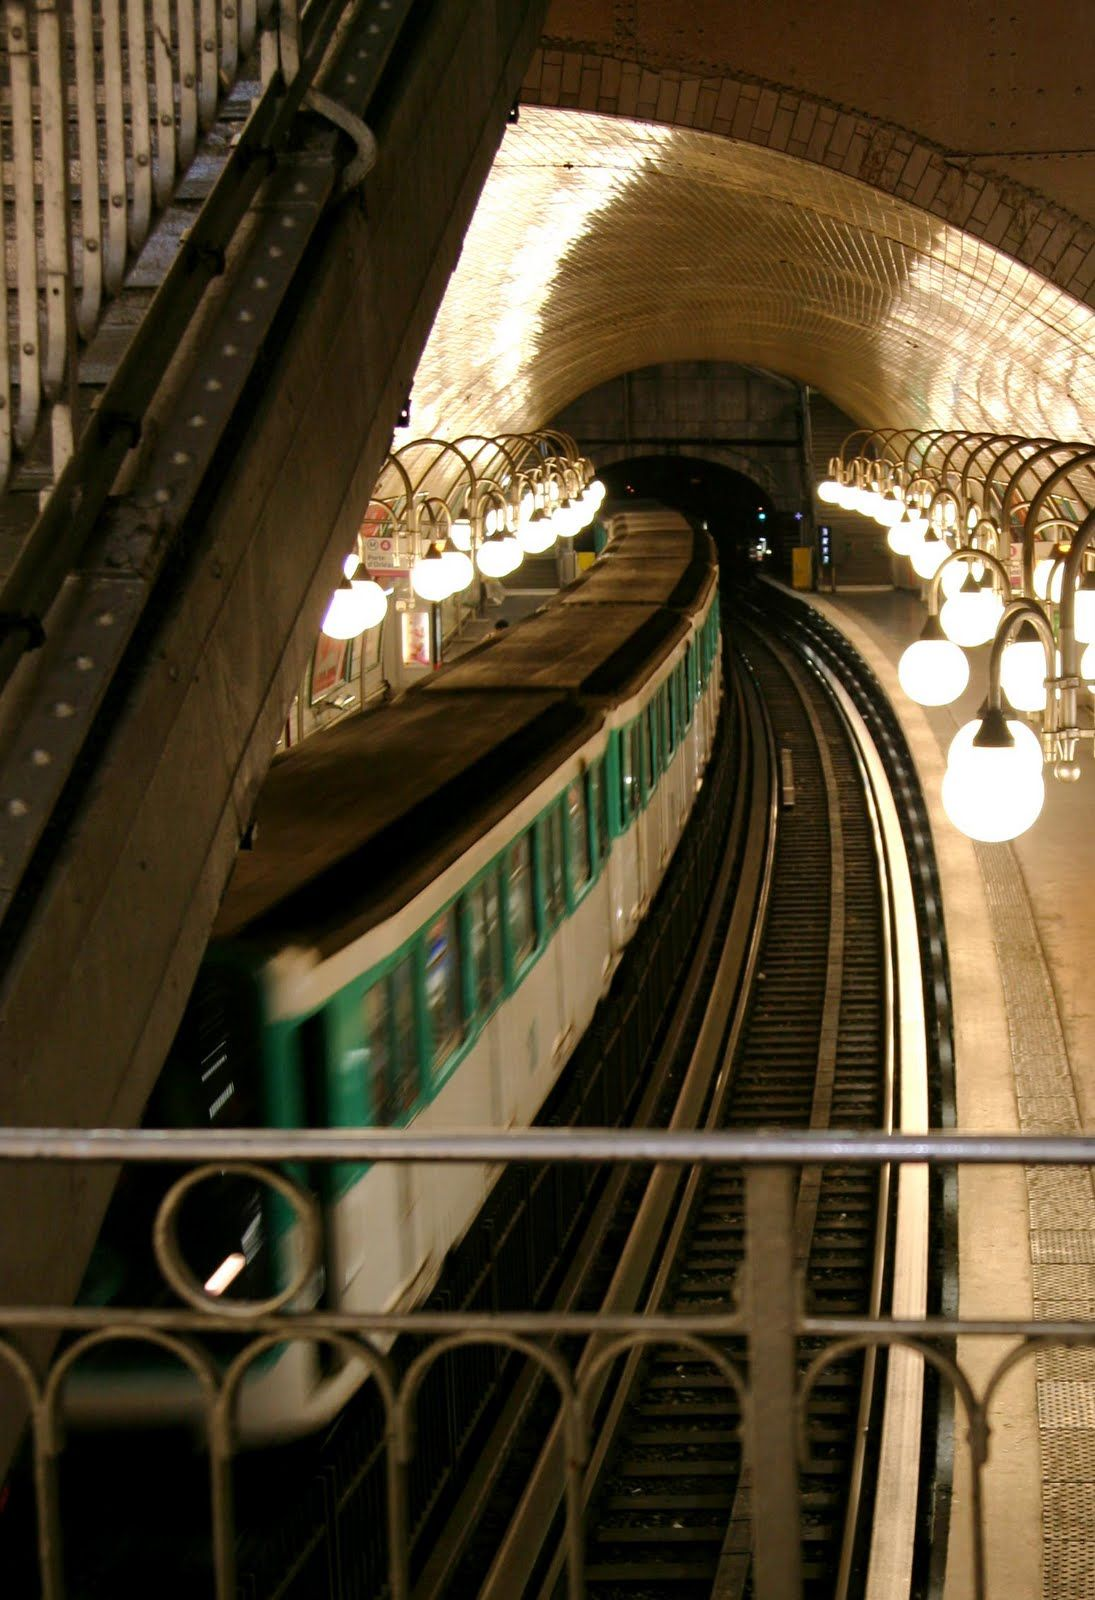 Les 25 meilleures id es de la cat gorie metro rail sur for Art nouveau interieur